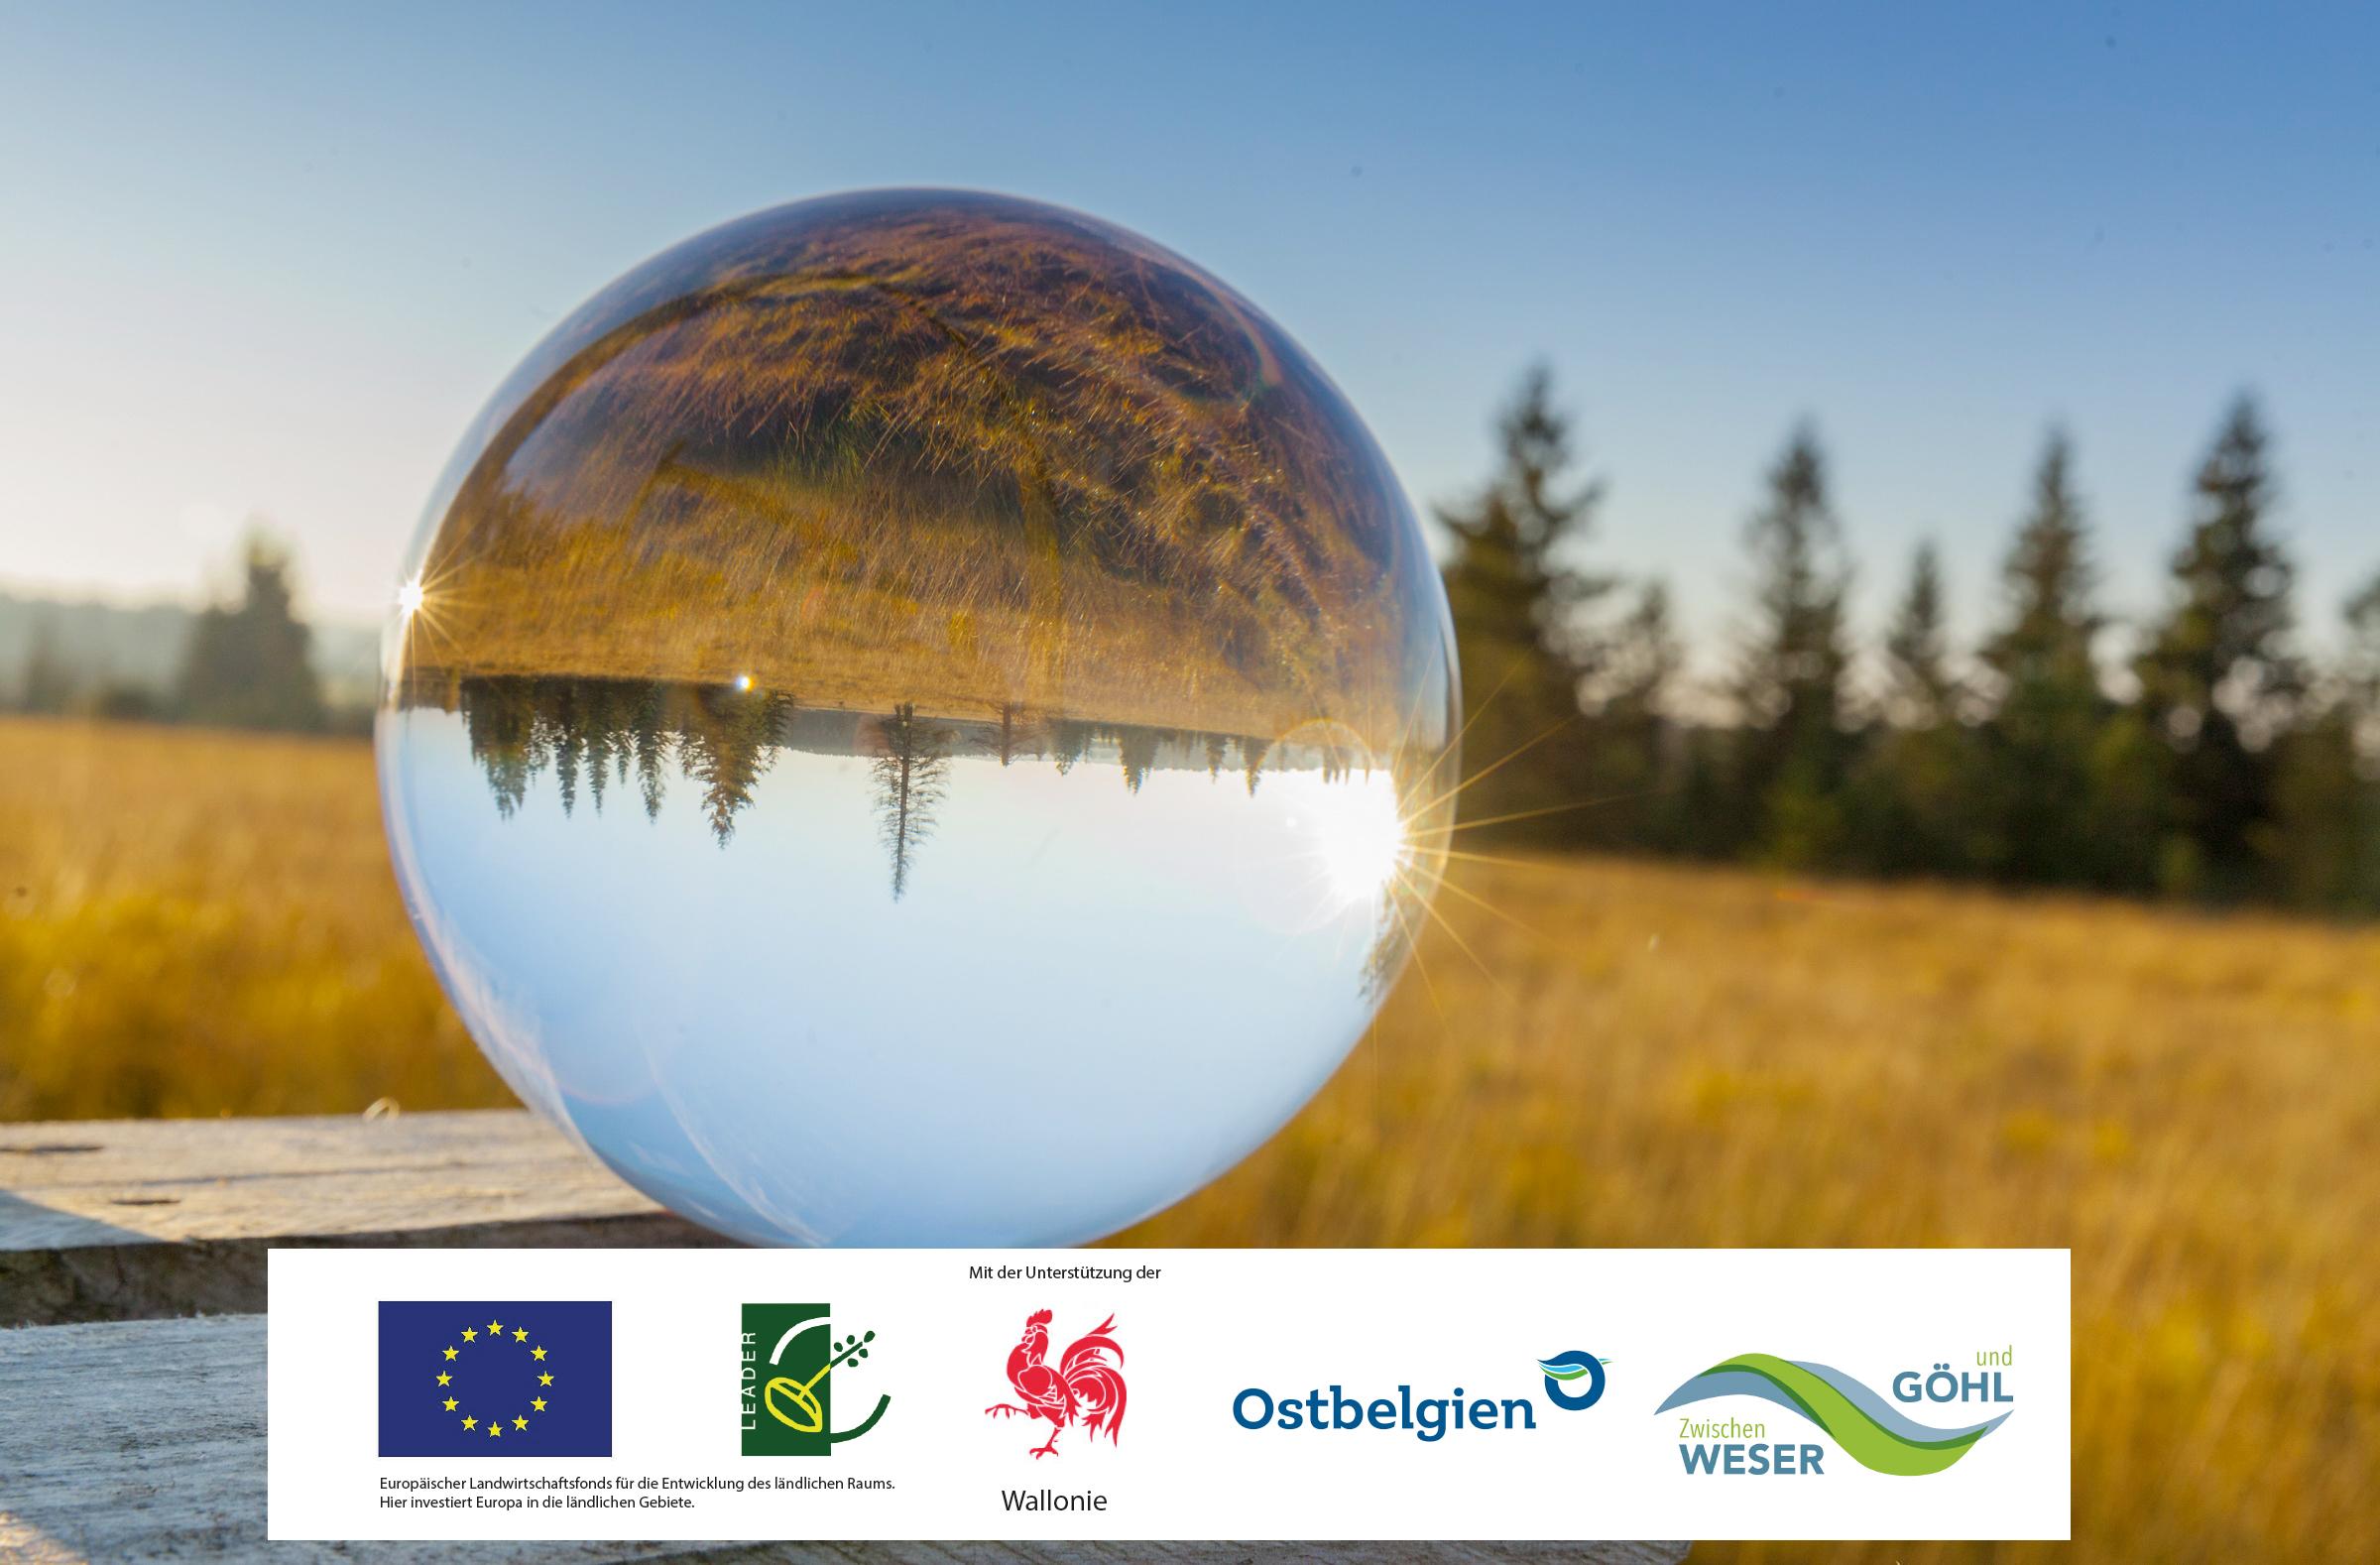 Tourismus: Gestalten Sie ostbelgische O-asen mit!